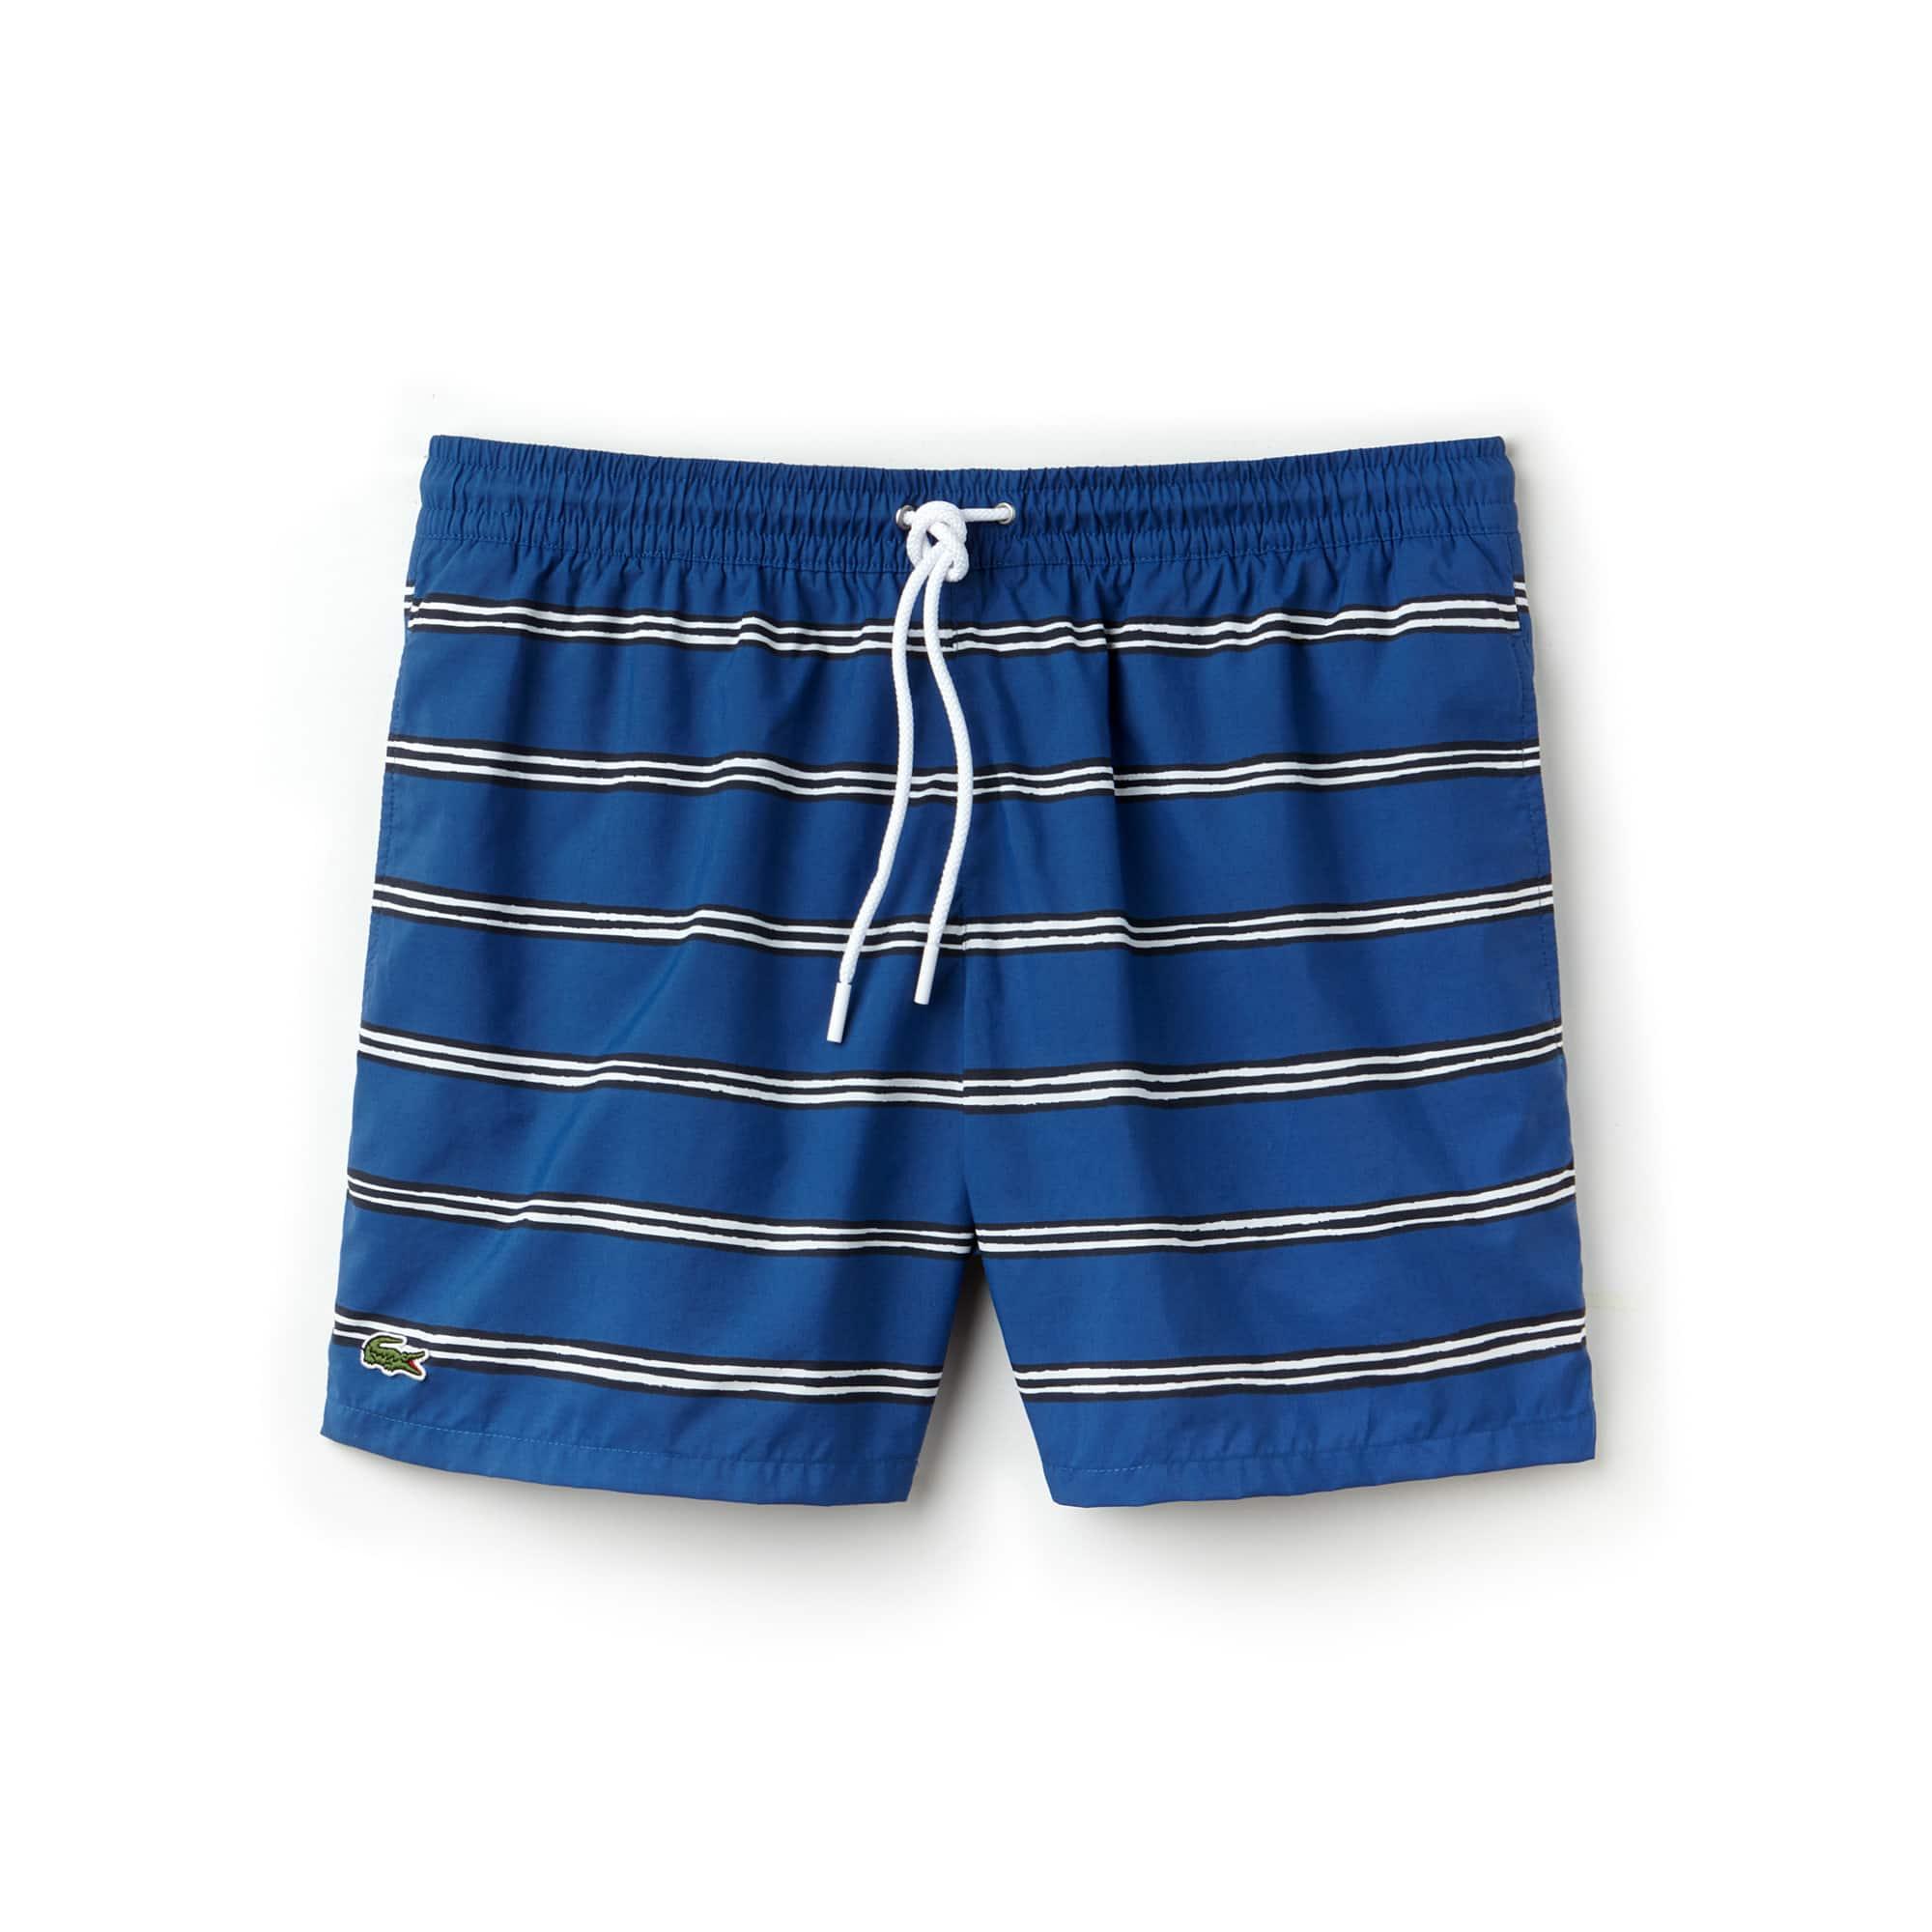 Zwemshort met strepen